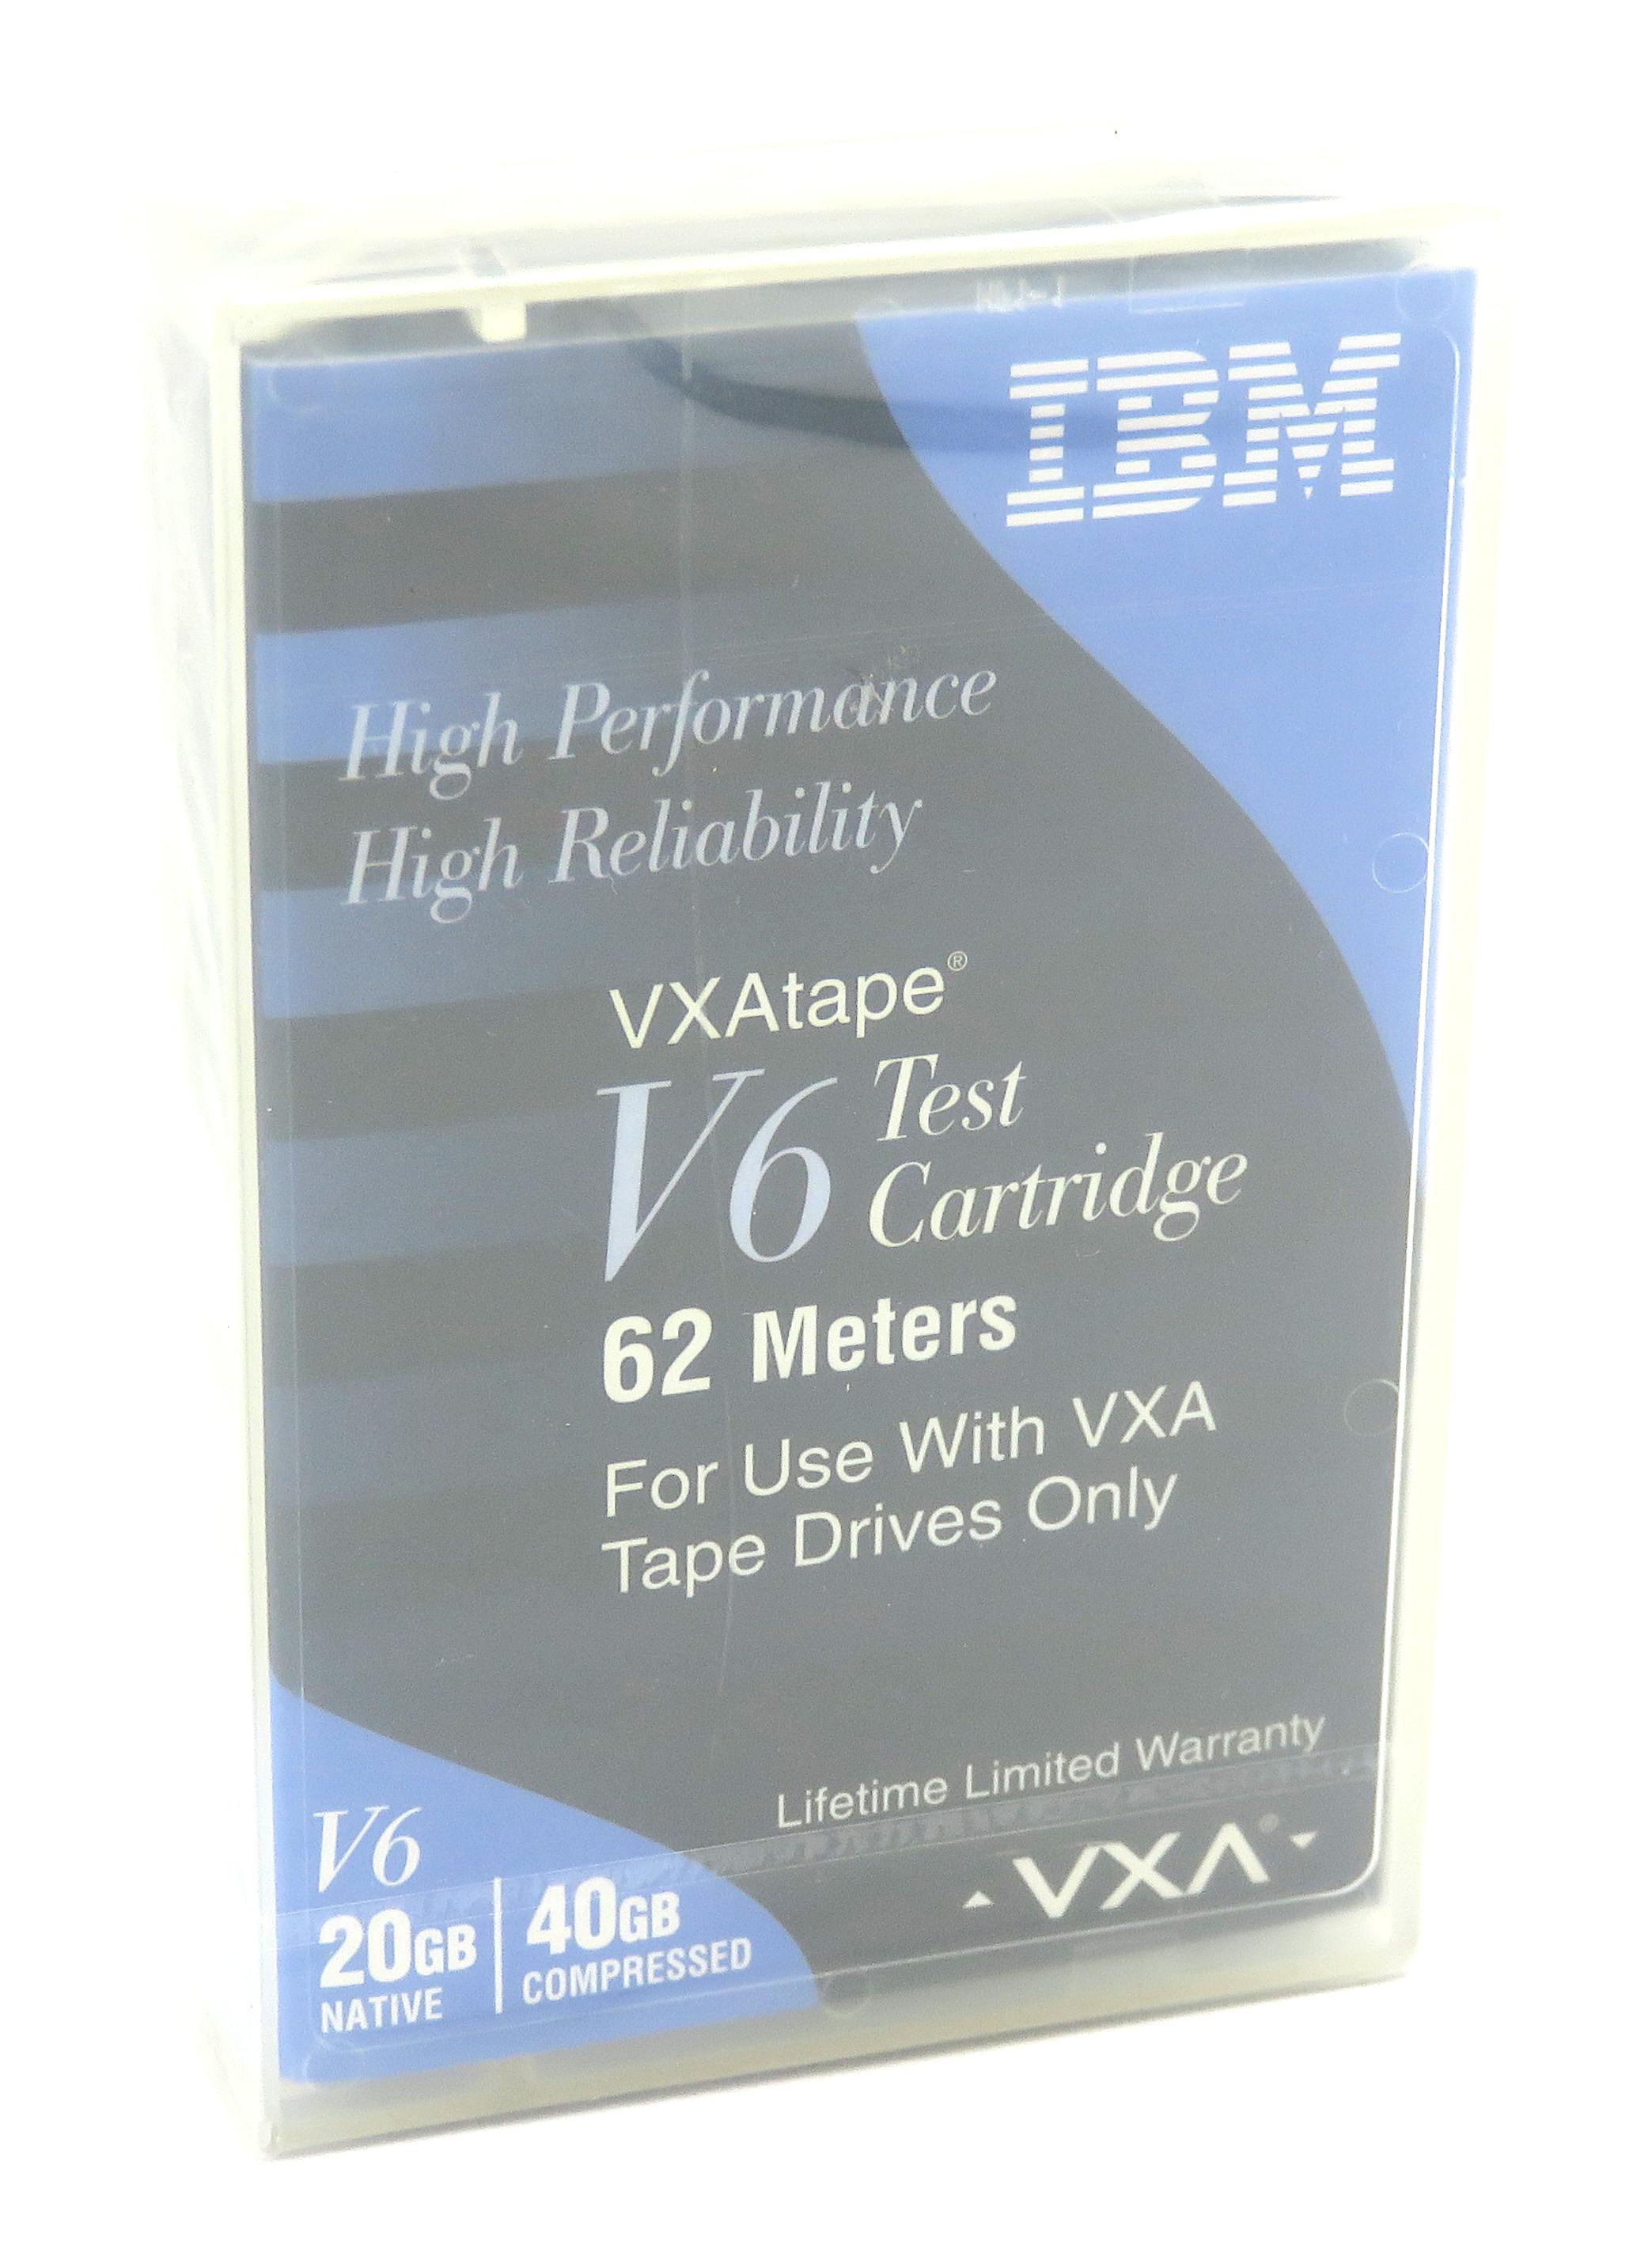 New, Sealed IBM VXAtape V6 20/40GB Test Cartridge 19P4879 for VXA Tape Drives